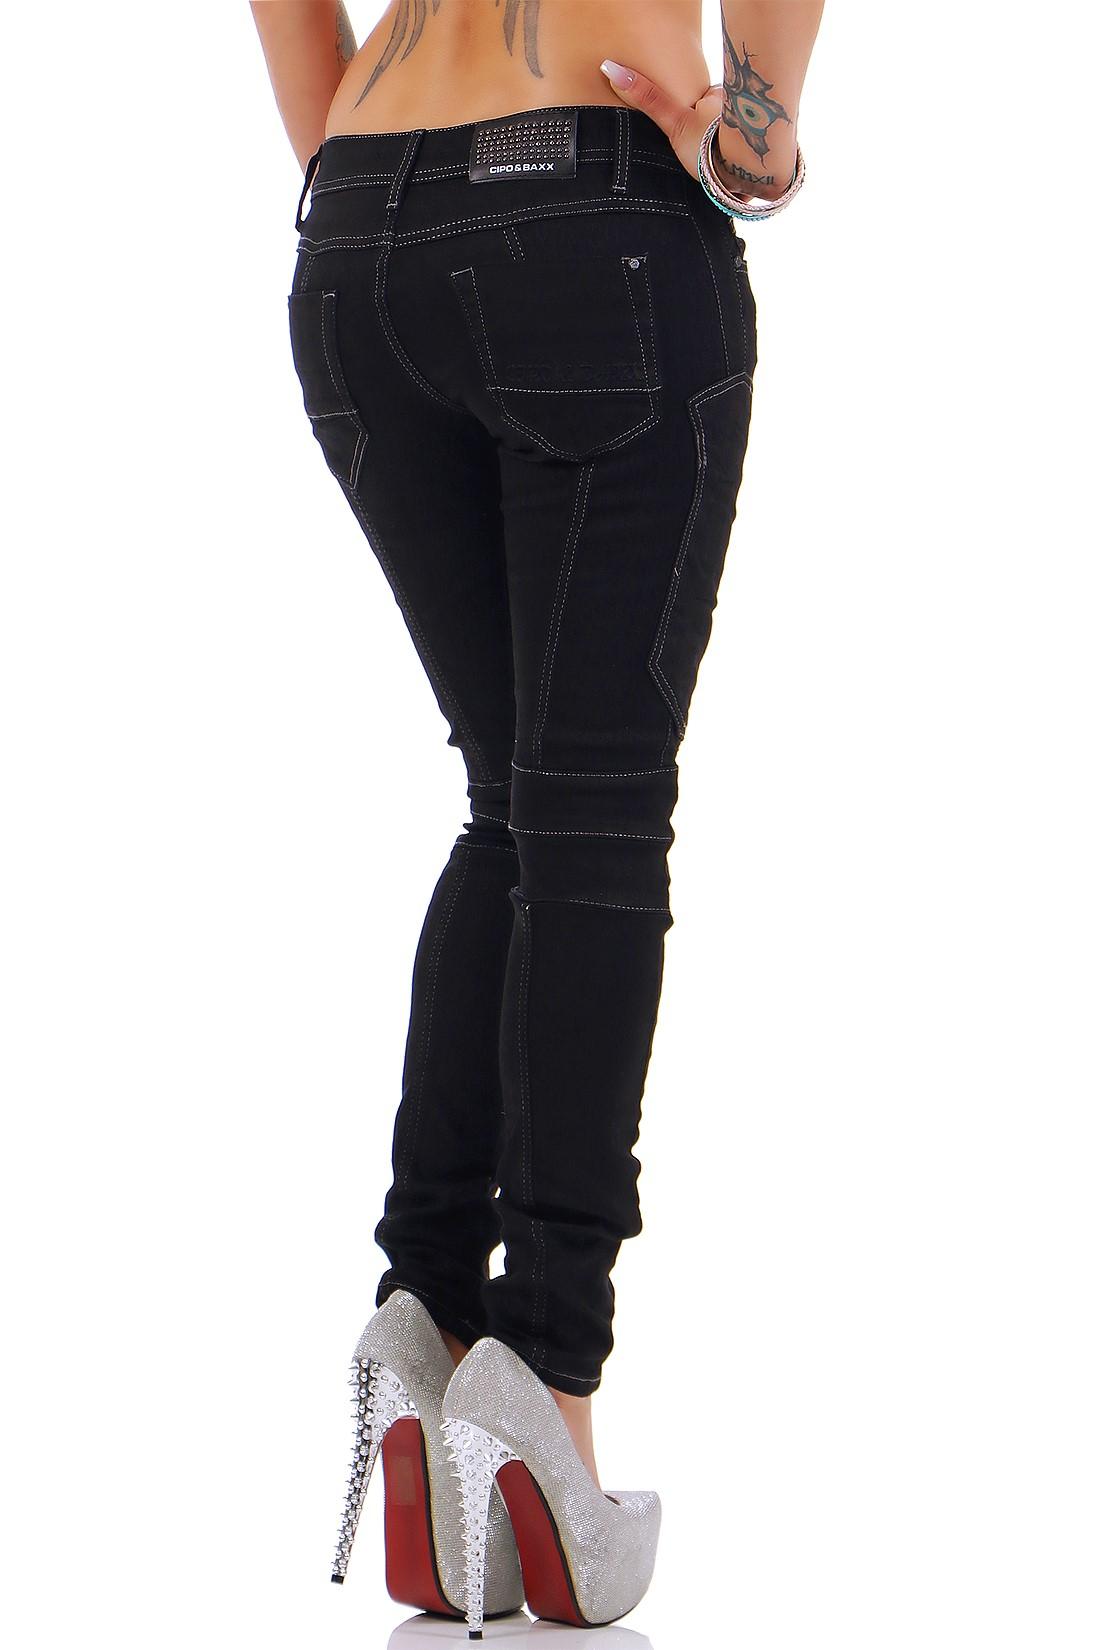 Verschiedene-Cipo-amp-Baxx-Damen-Jeans-Hosen-Slim-Fit-Regular-Fit-Streetwear Indexbild 57